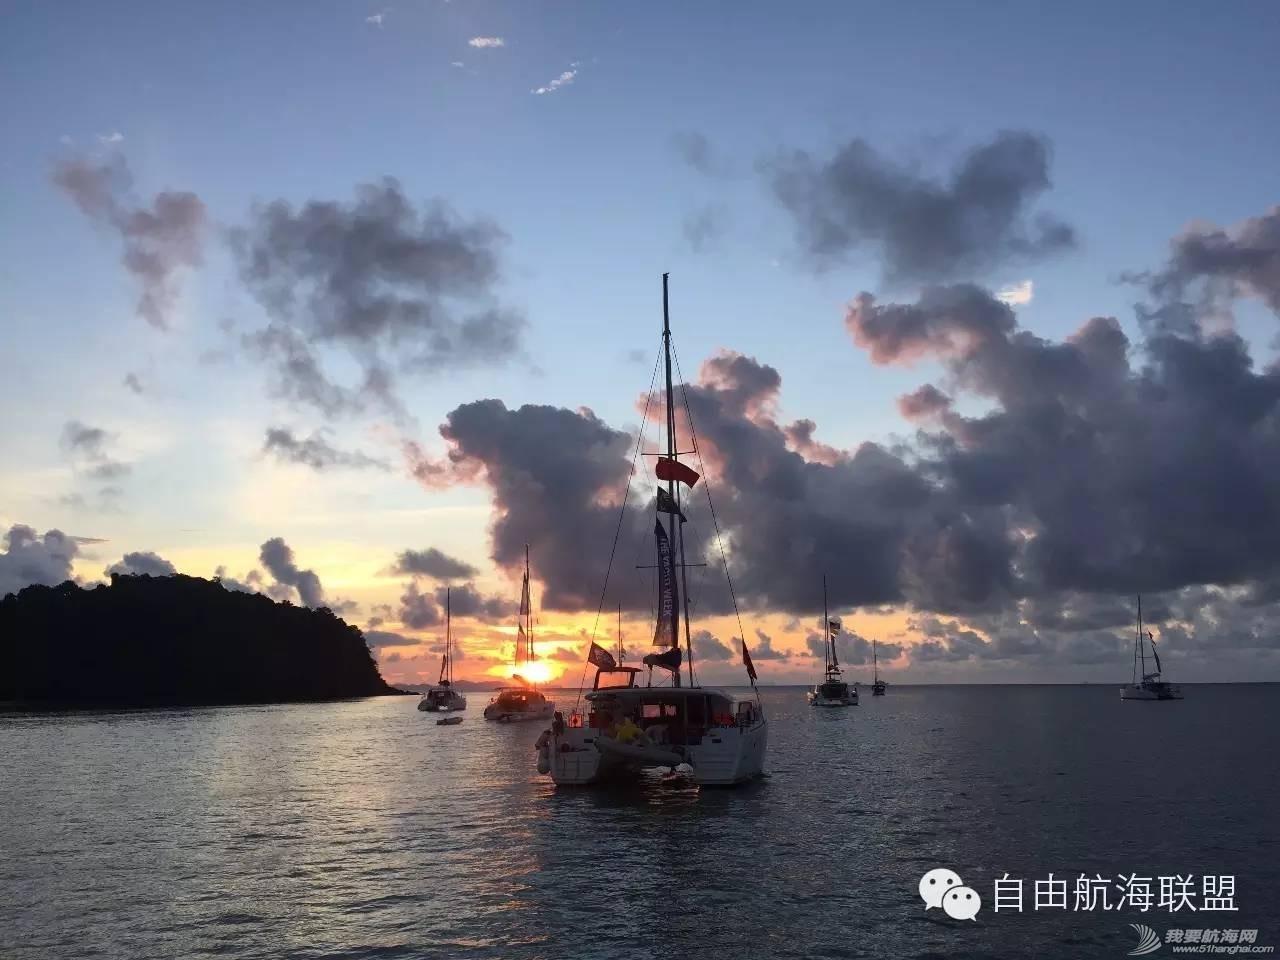 3天短途帆船旅行,五一相约安达曼海 61739ce7adf08410913e873514616412.jpg